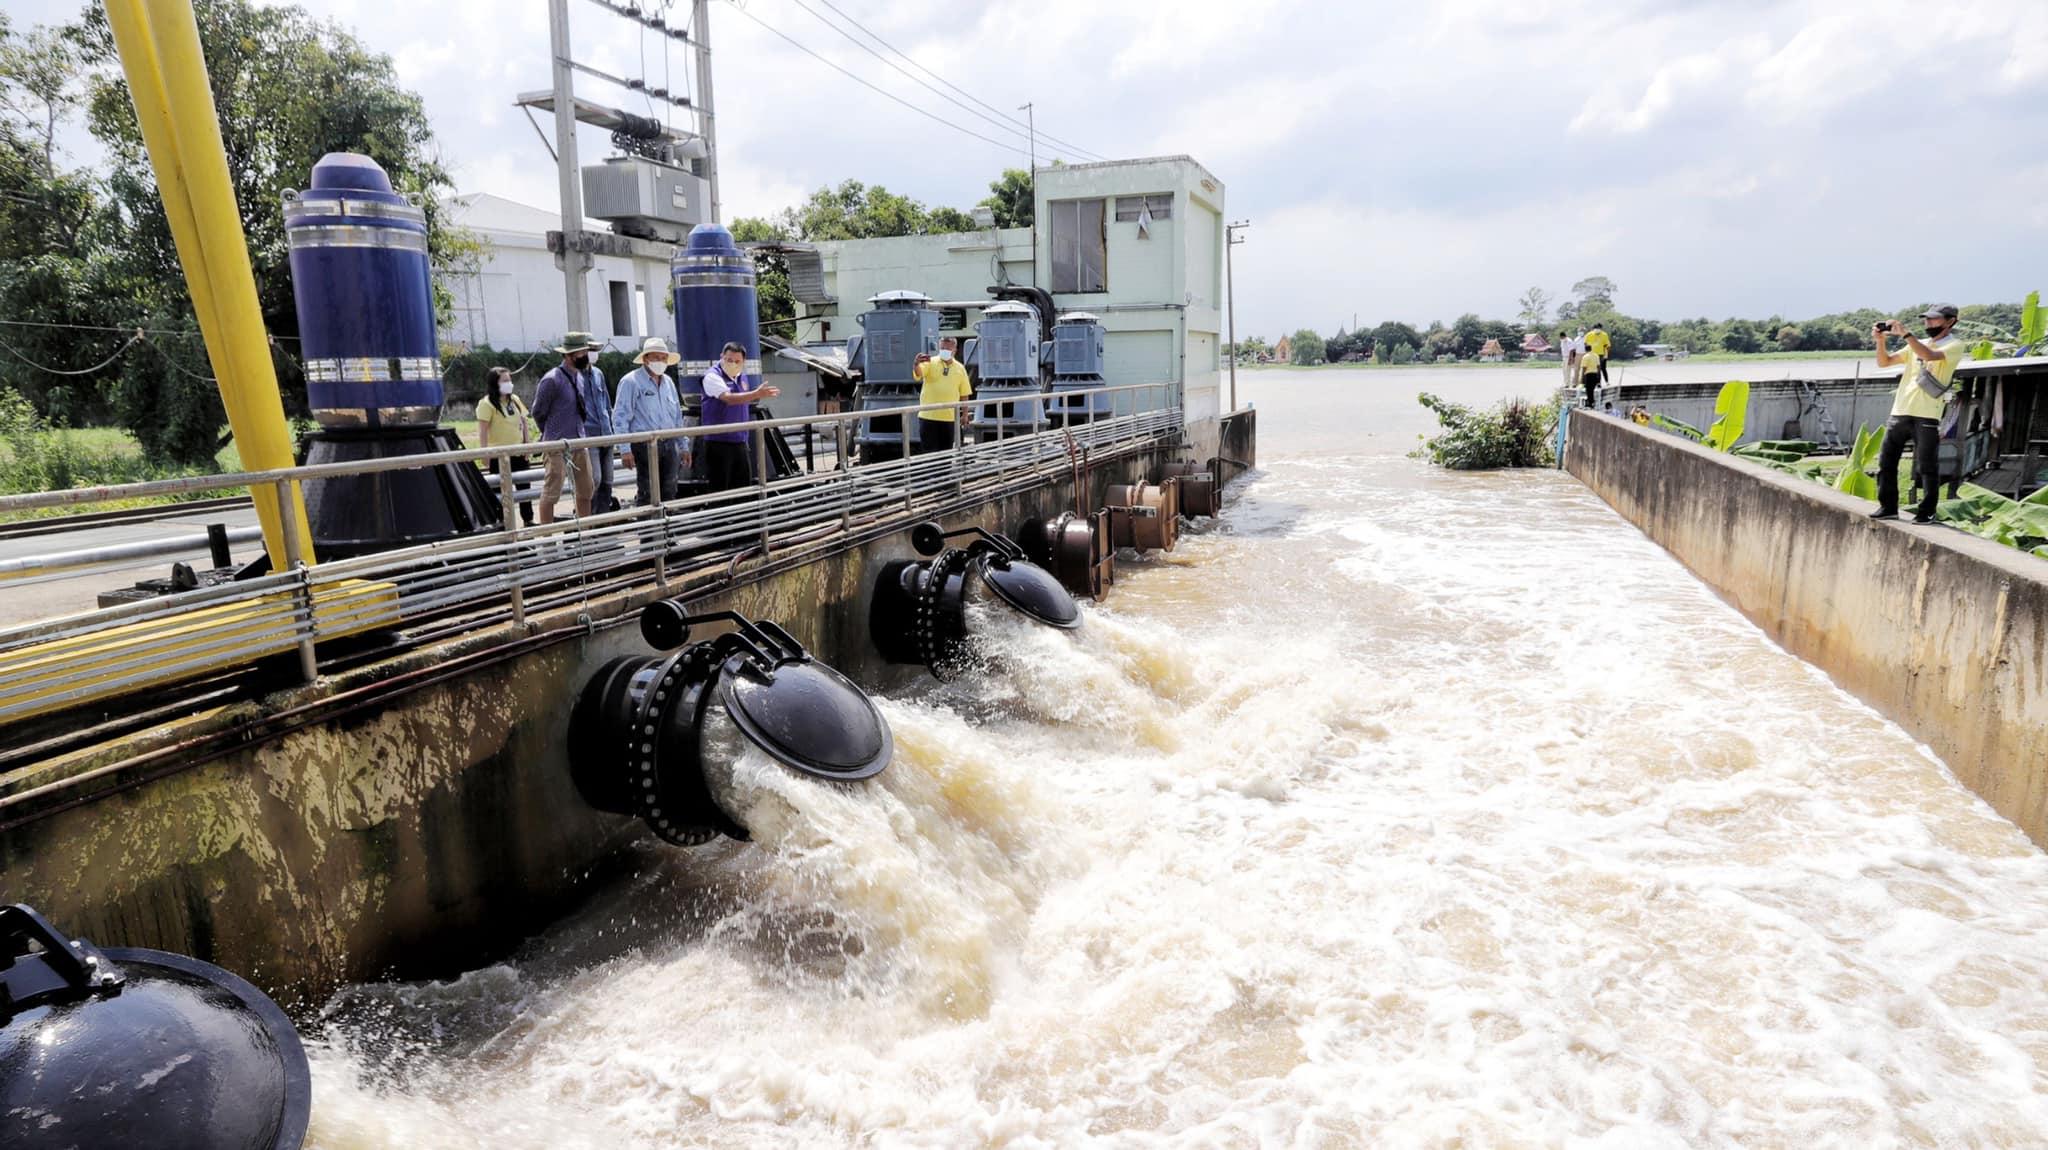 น้ำท่วม ปทุมธานี สถานการณ์น้ำท่วม